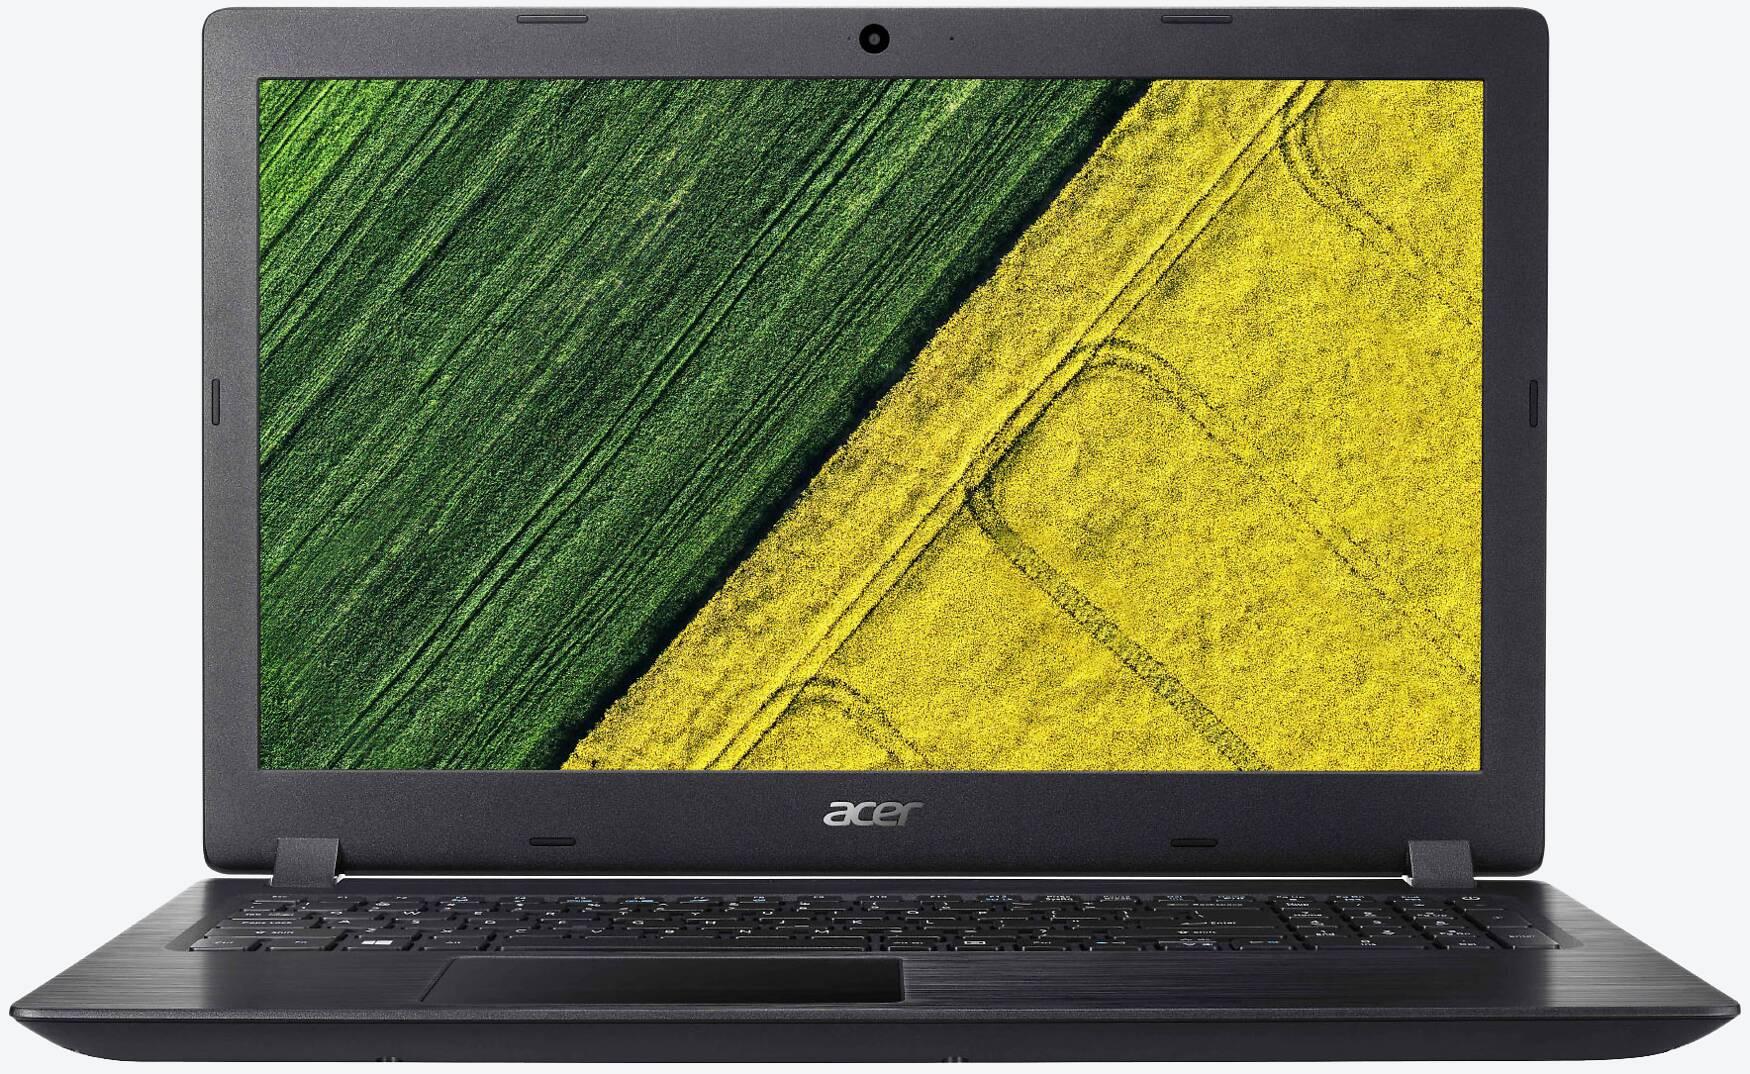 Acer Aspire 3 A317-51G-53VZ